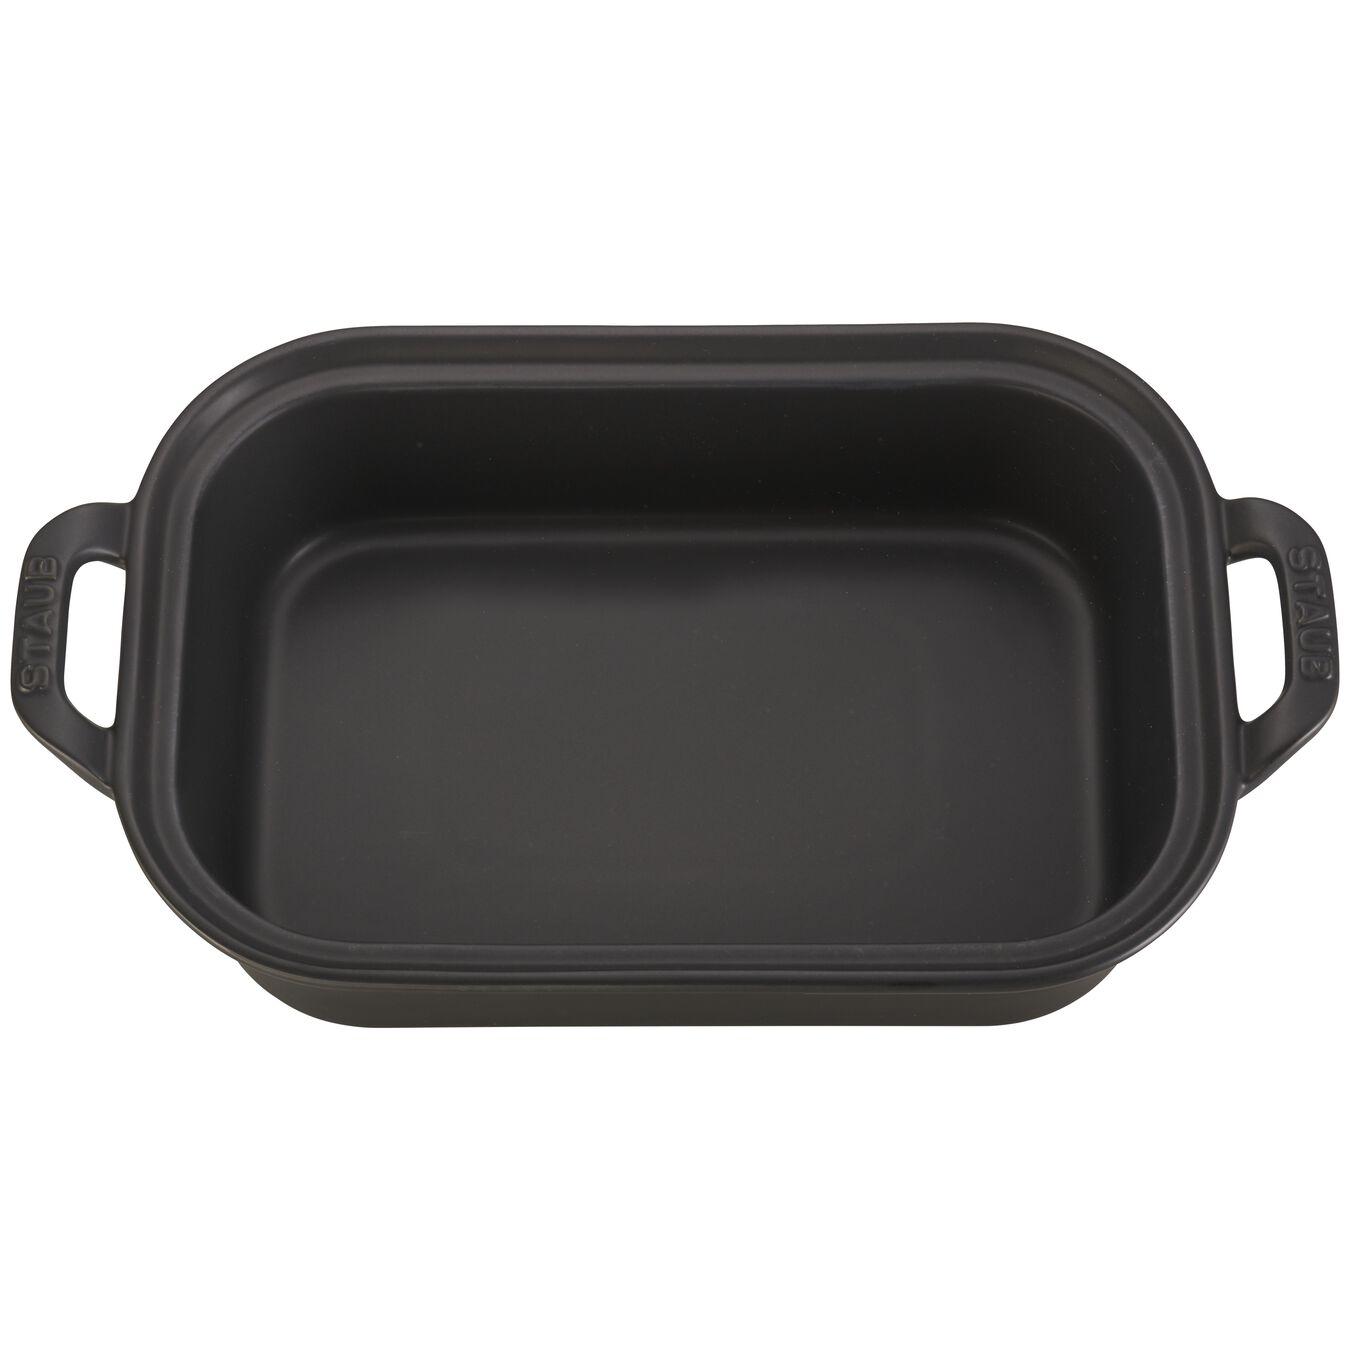 Ceramic rectangular Moules de forme spéciale, Black,,large 2